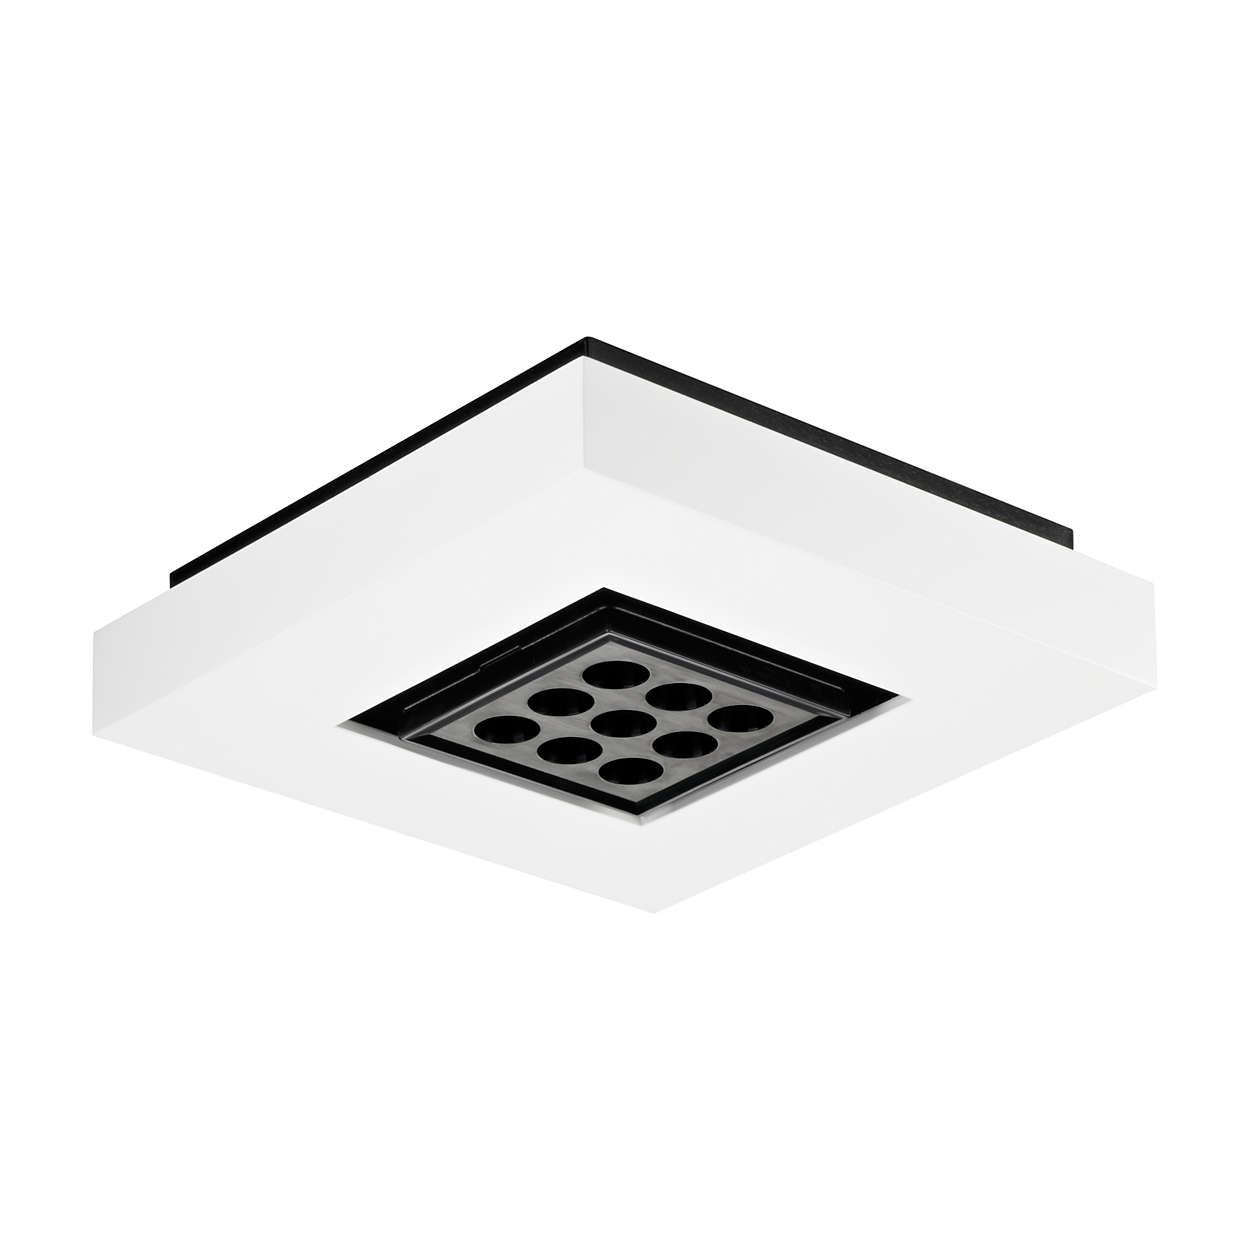 eW Downlight Powercore – энергоэффективный светодиодный потолочный светильник